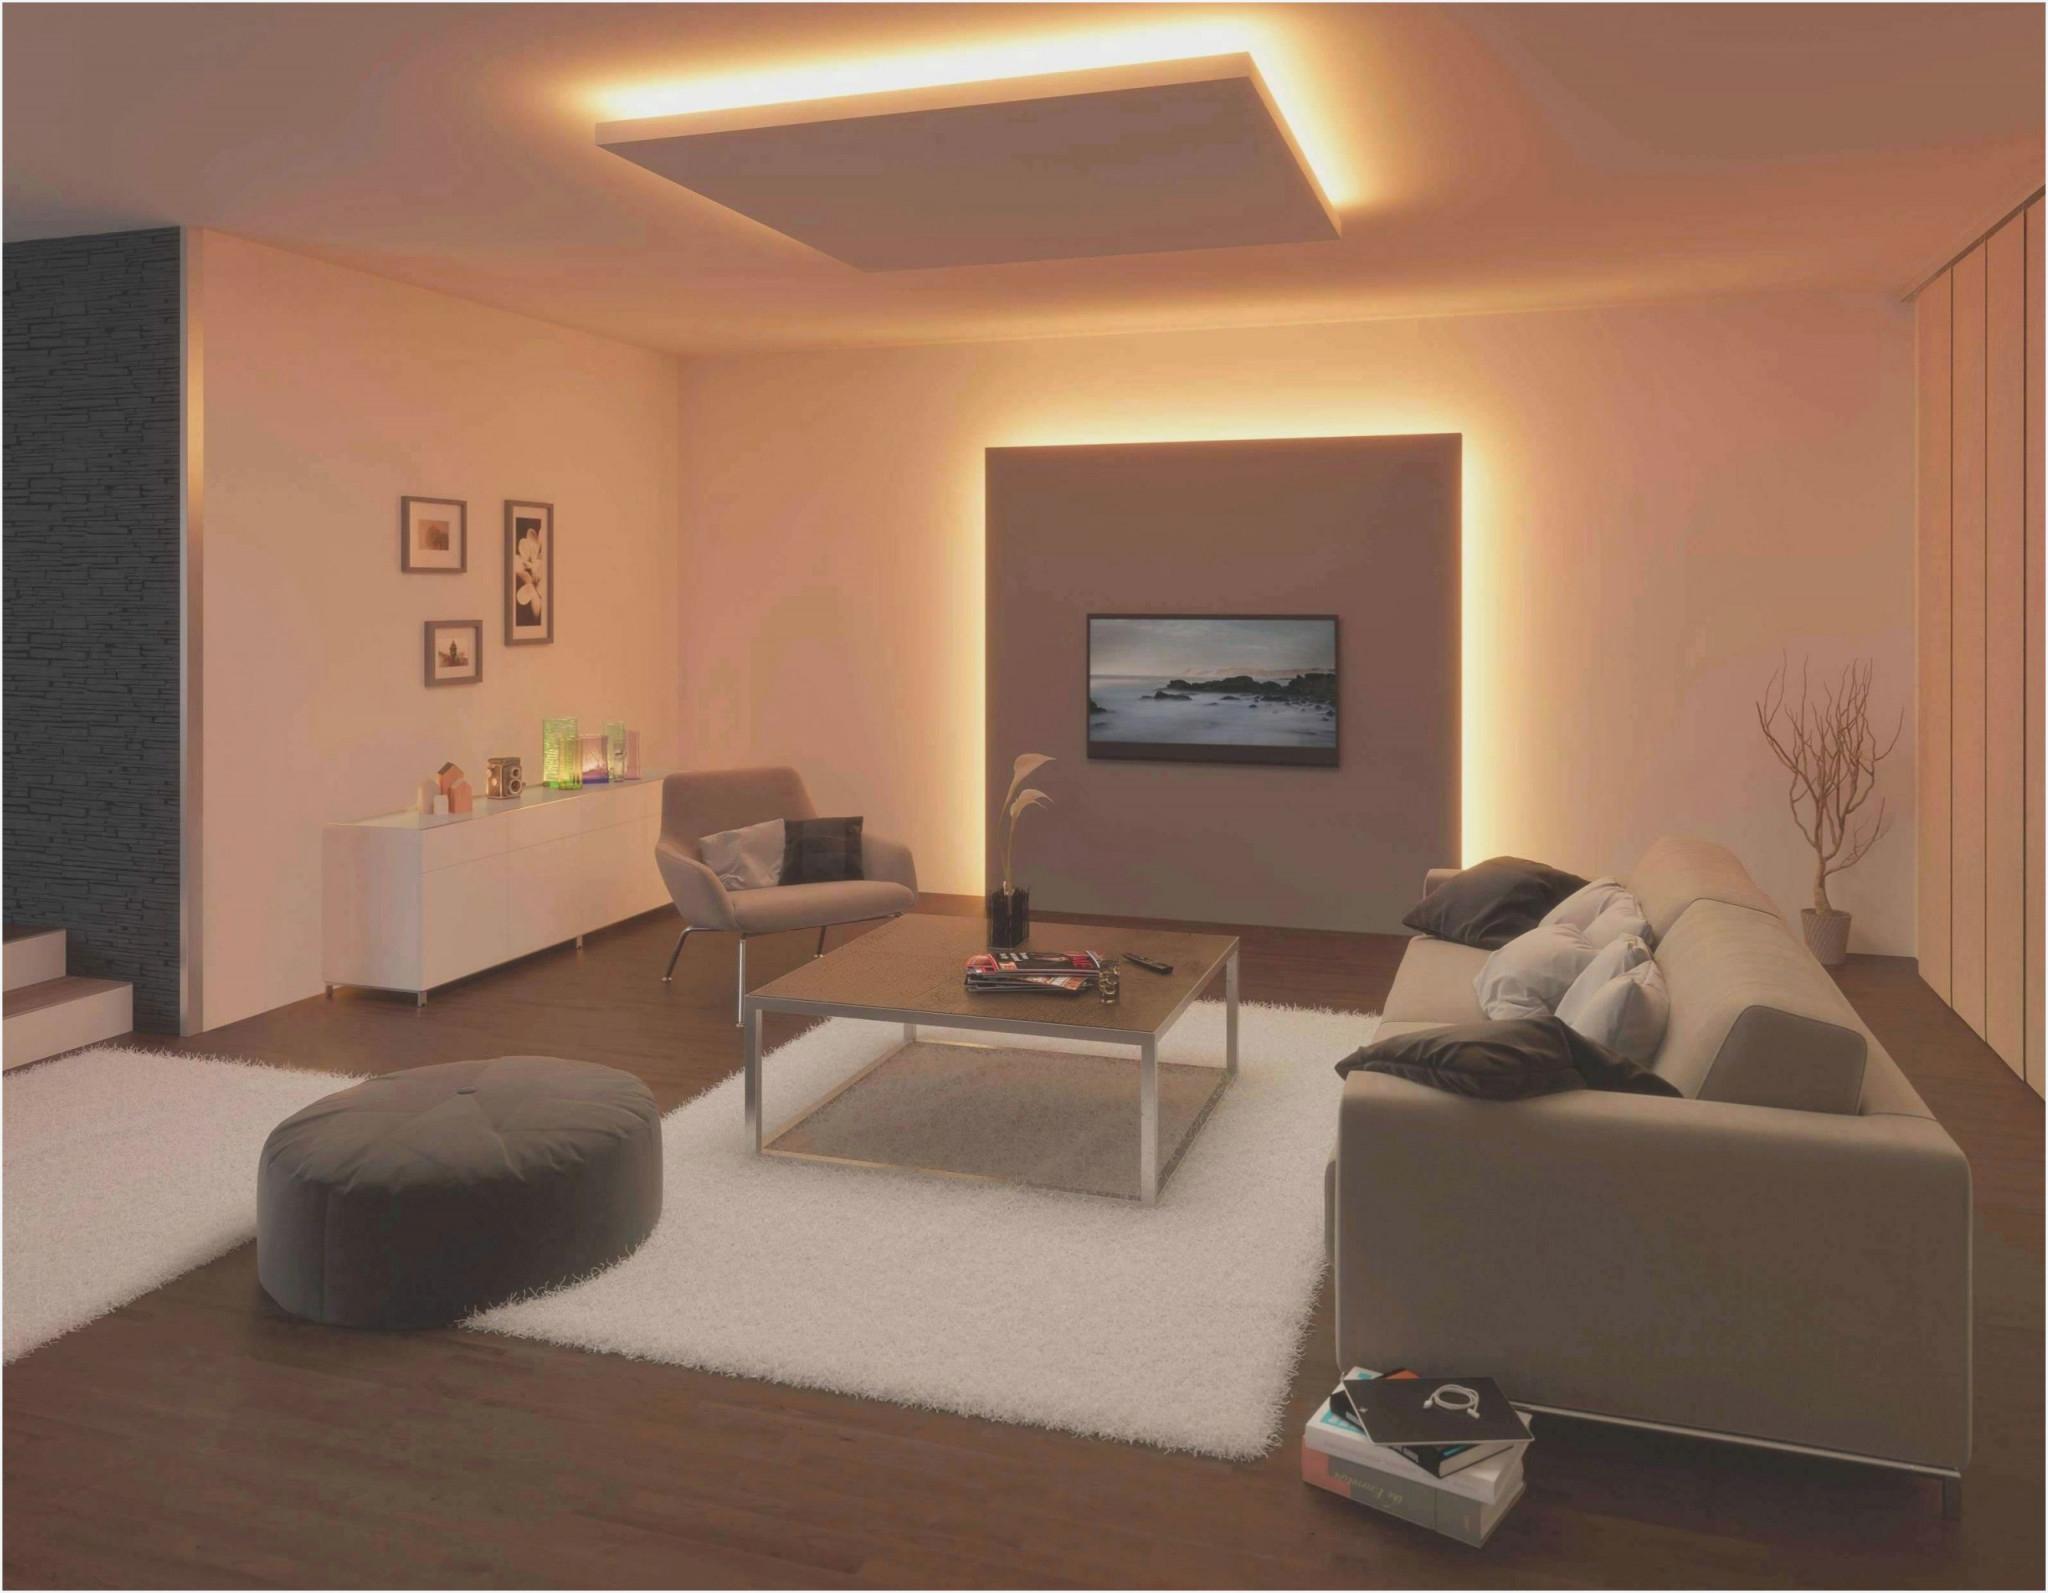 Raumgestaltung Wohnzimmer Ideen  Wohnzimmer  Traumhaus von Wohnraumgestaltung Wohnzimmer Ideen Bild